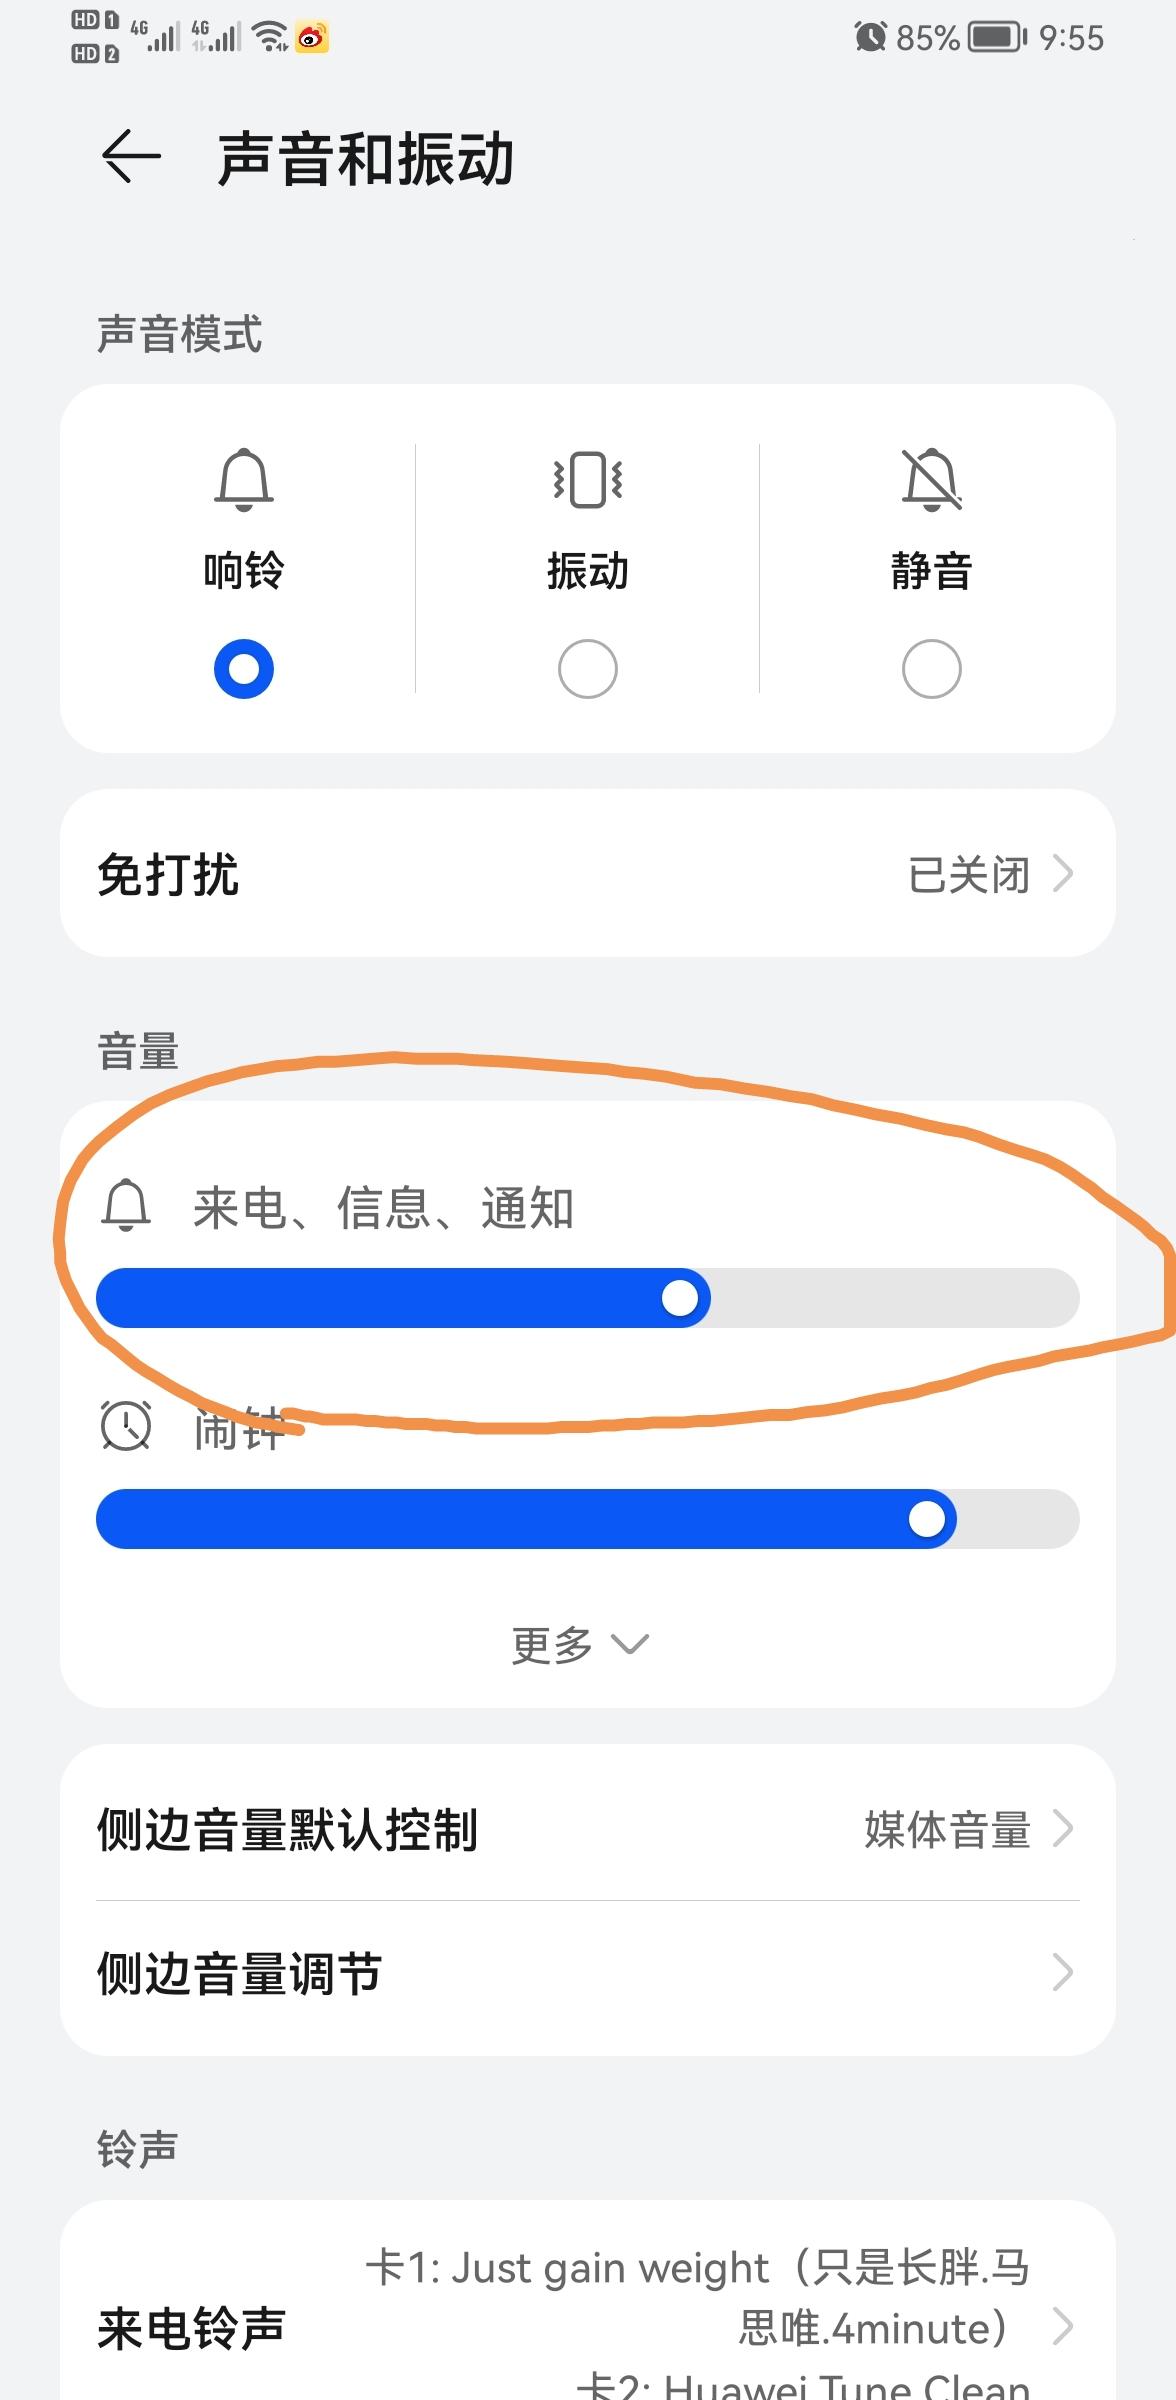 Screenshot_20210923_095516.jpg